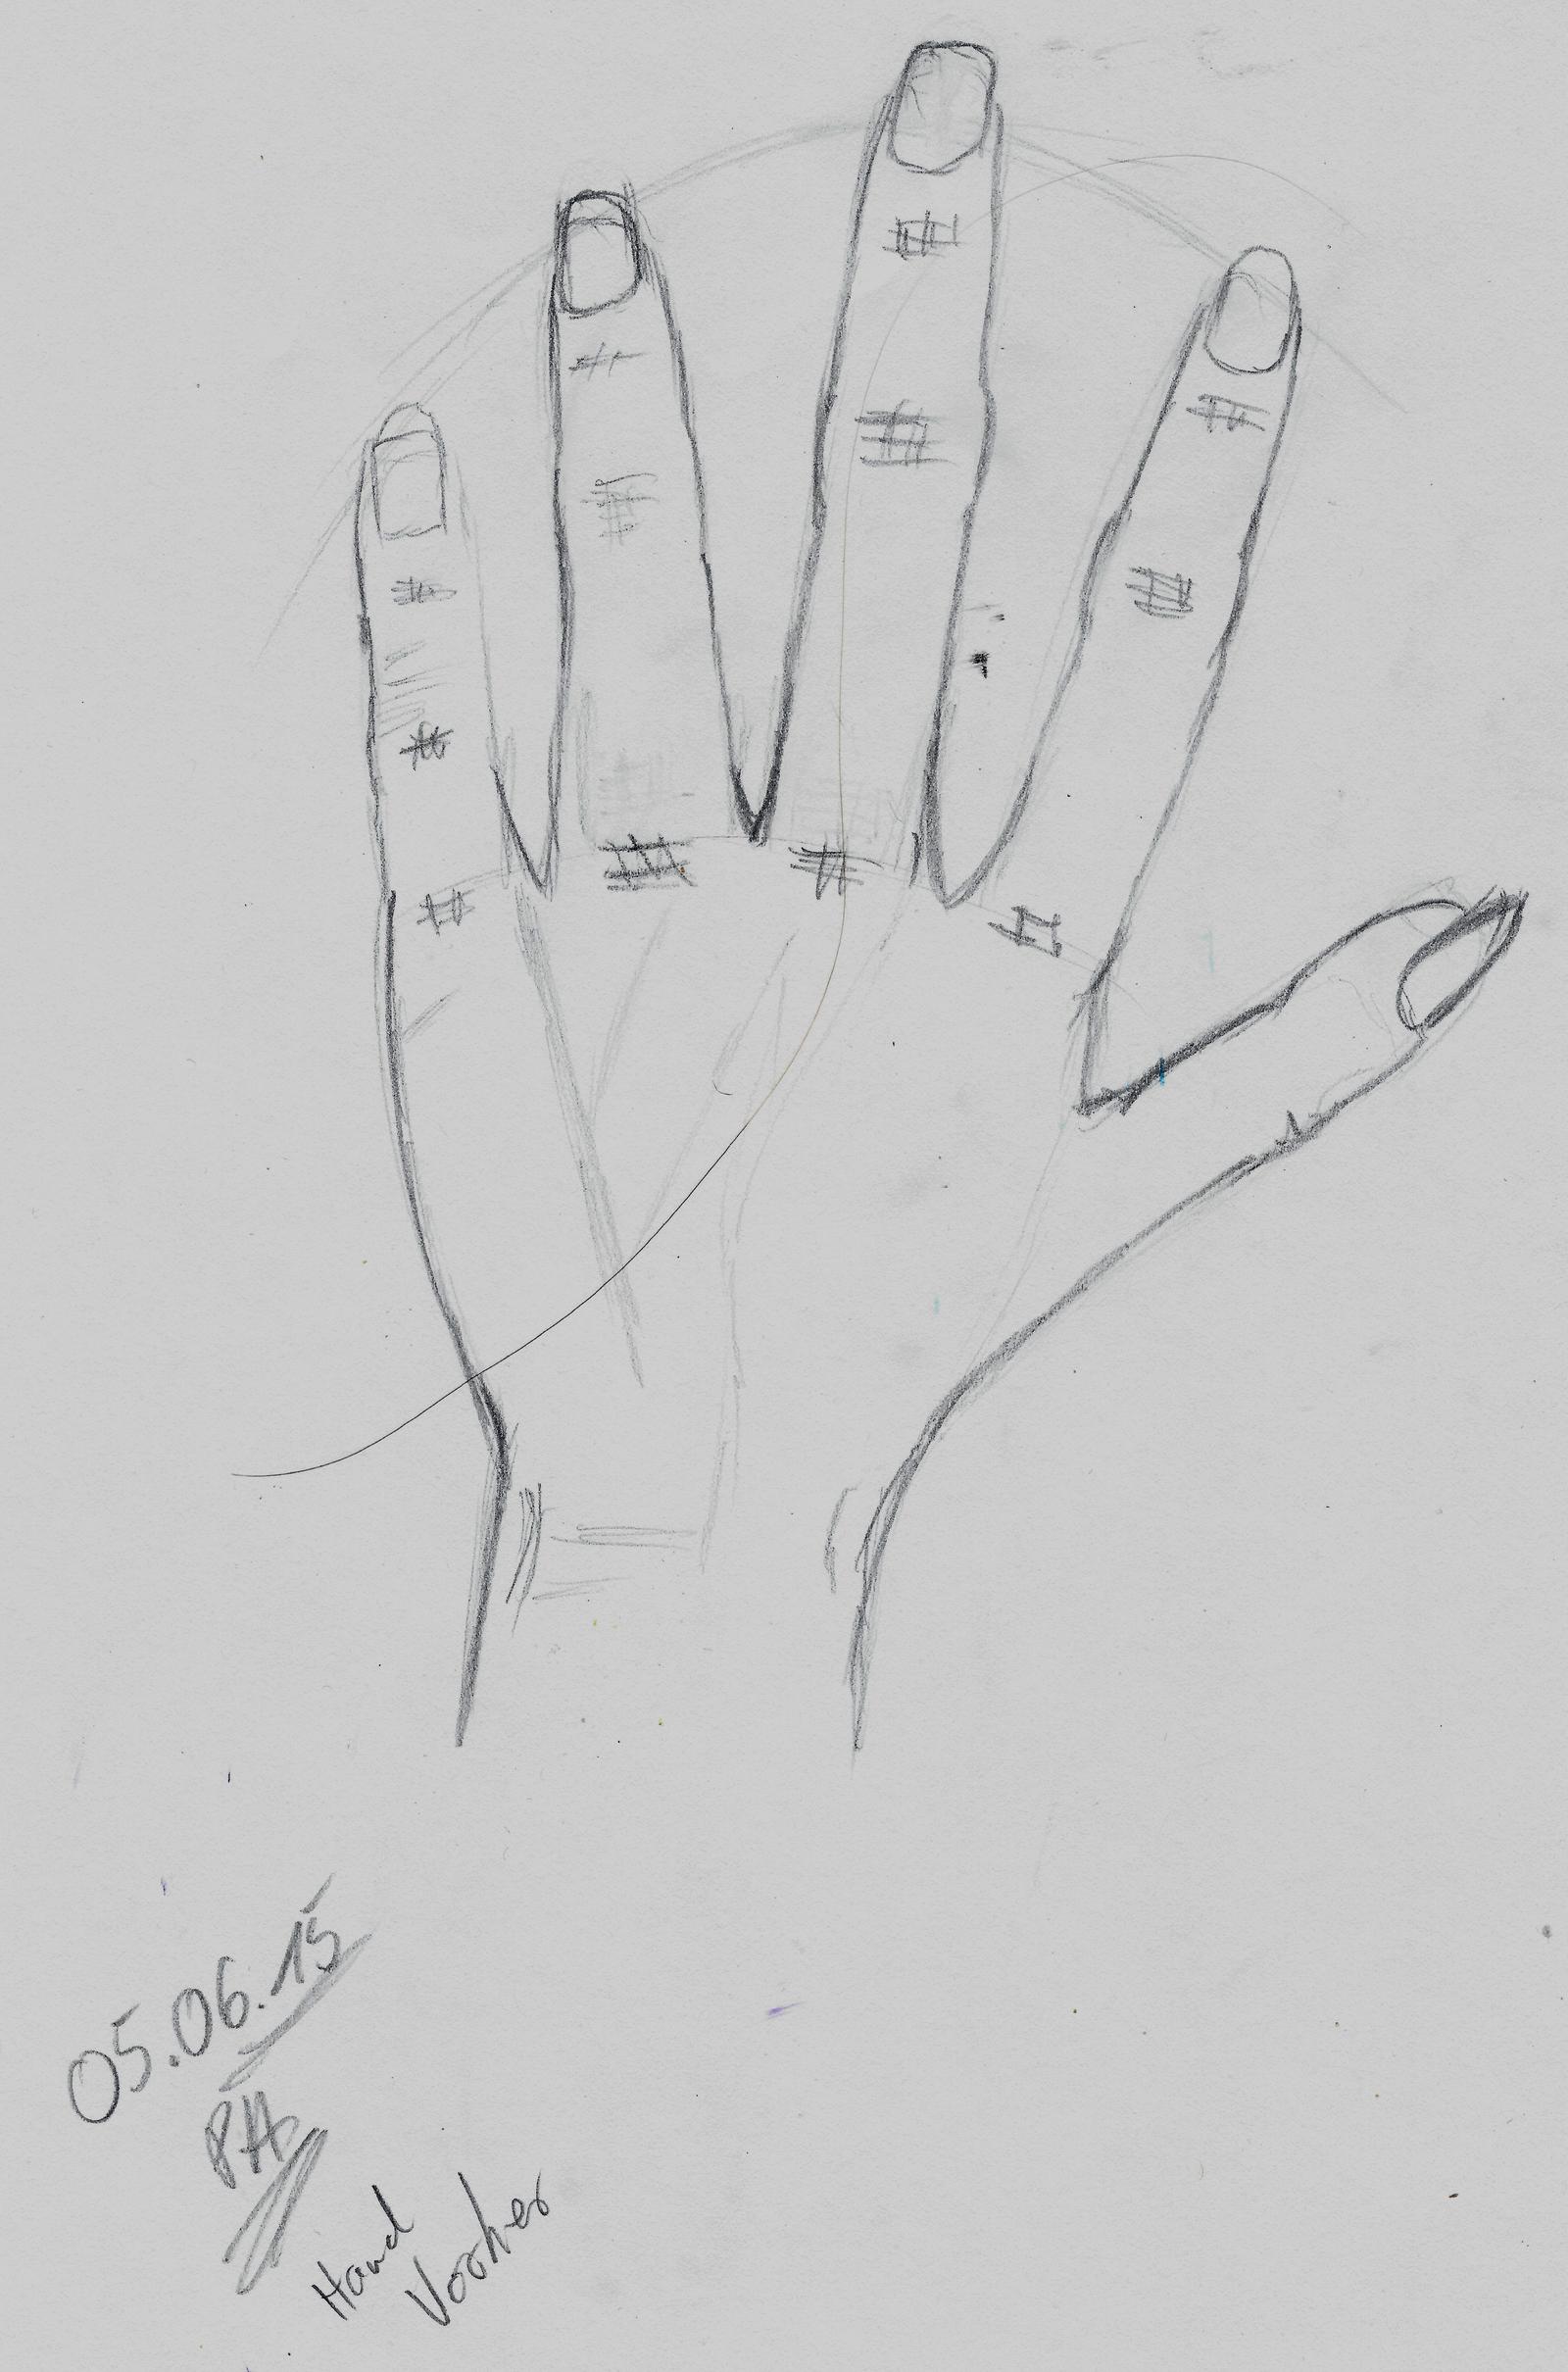 hand vorher by PanHaukatze